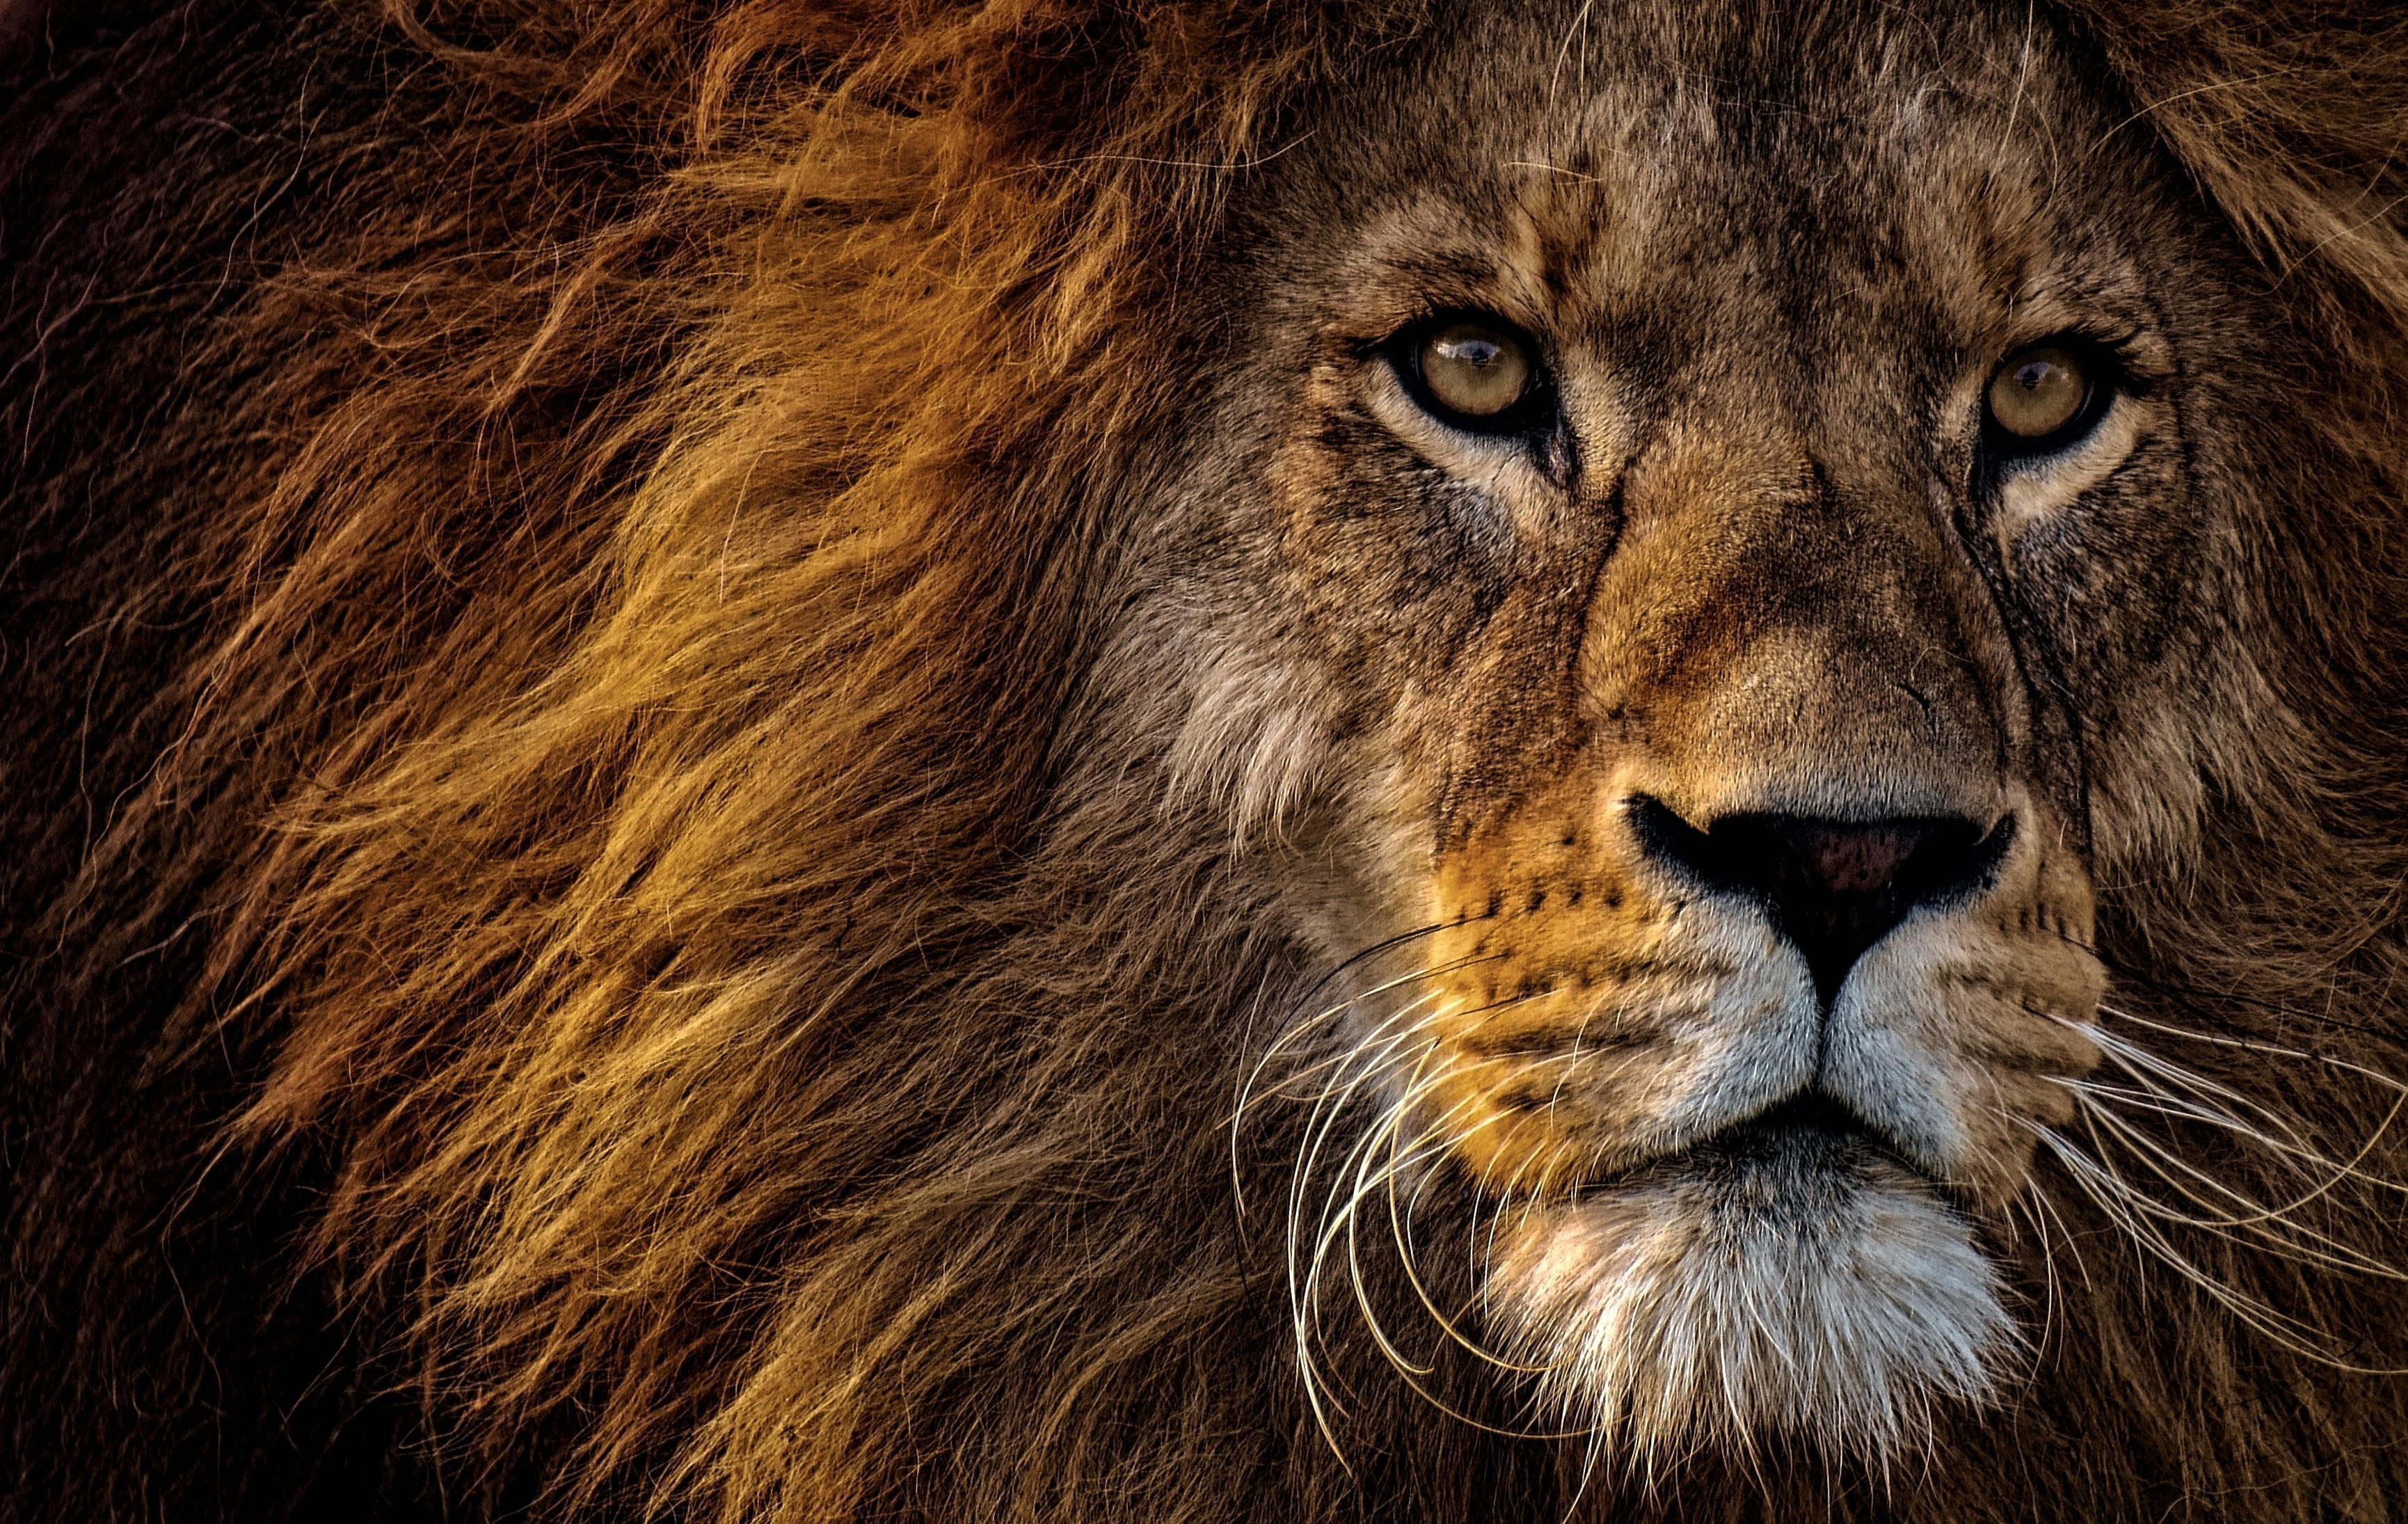 Image: Lion, king, king of beasts, muzzle, predator, mane